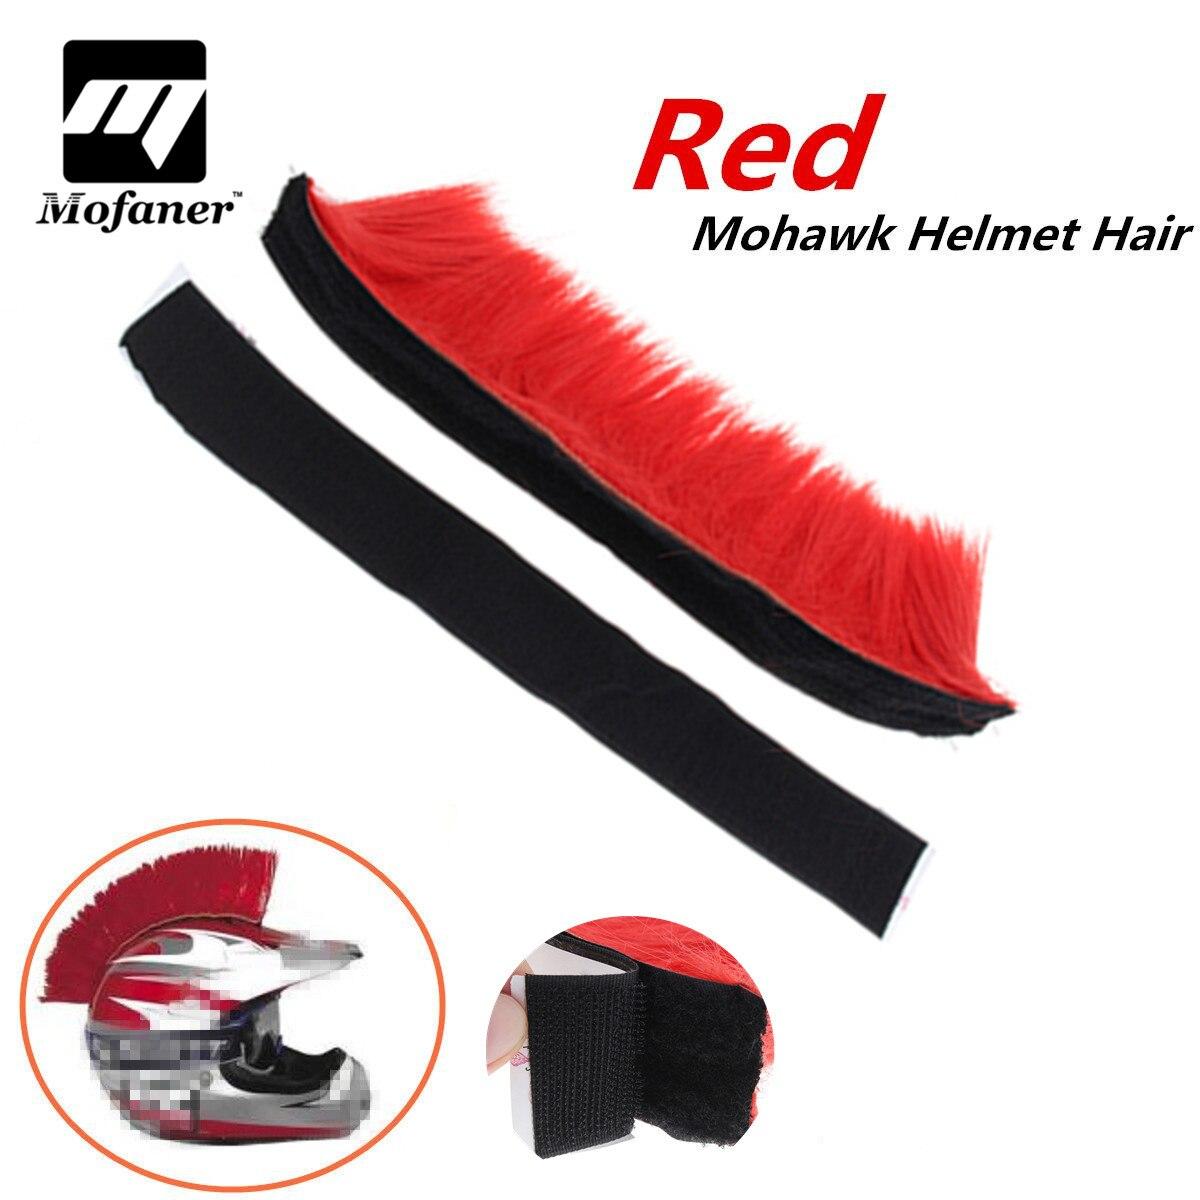 Mofaner Motocross Racing Mohawk Casque Cheveux Punk Cheveux Pour Moto Casque Ski Snowboard Paintball Vélo Planche À Roulettes Course